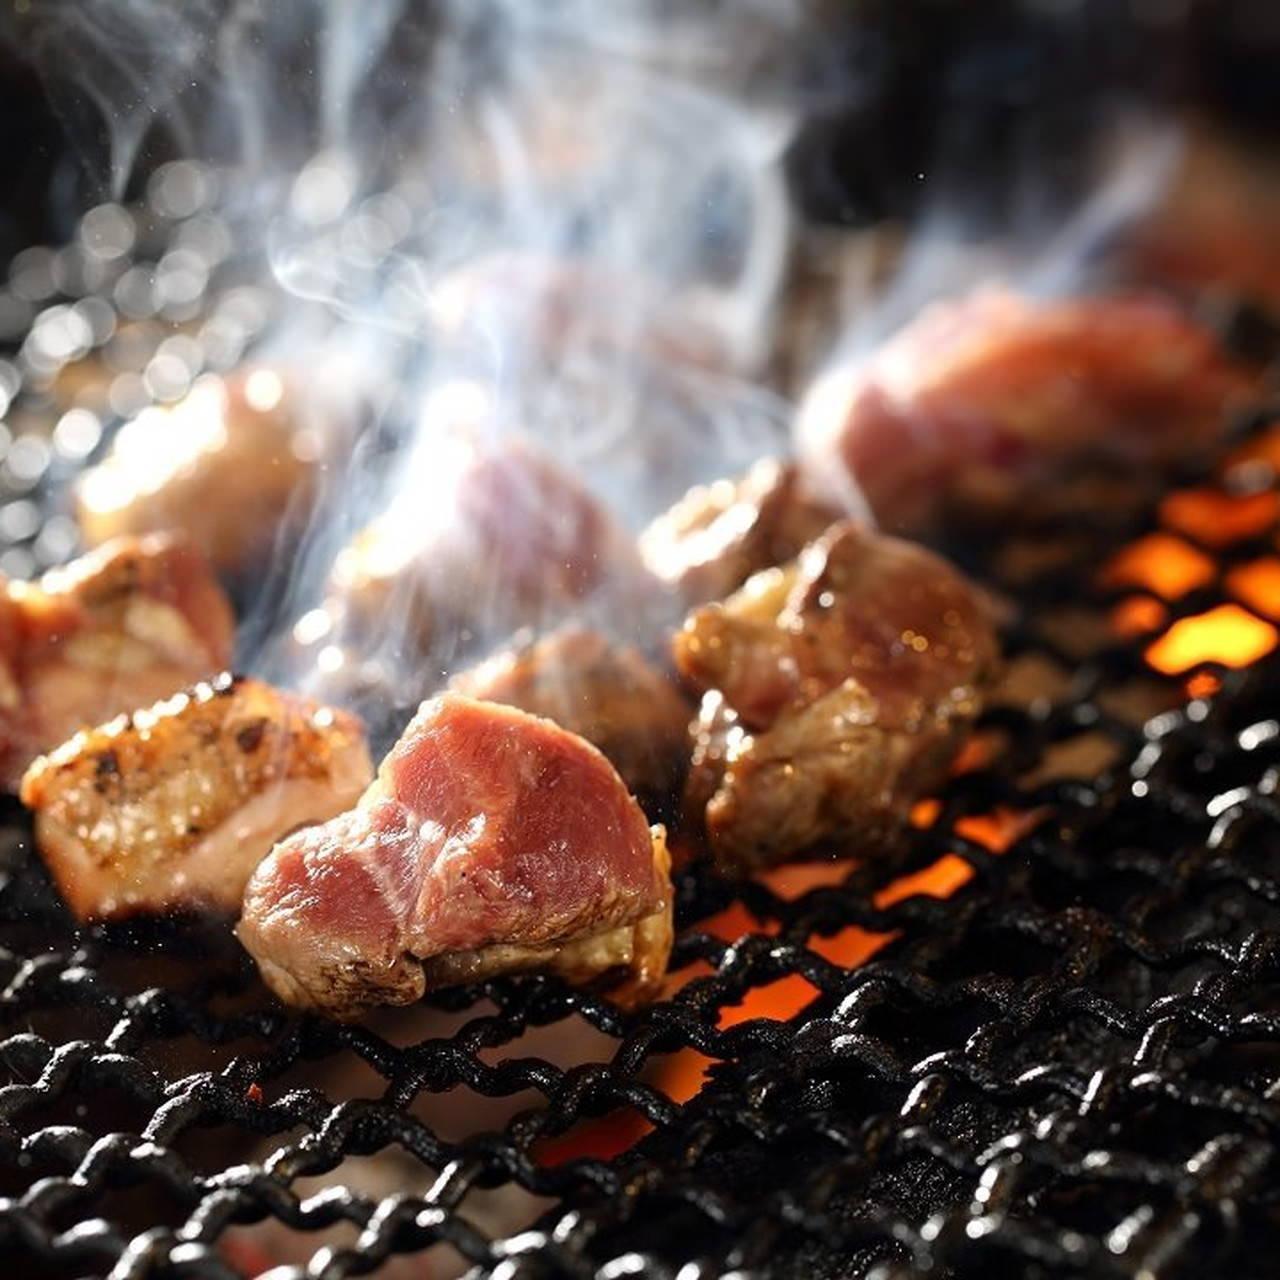 旨味を閉じ込め香ばしく焼き上げた自慢の地頭鶏料理をご堪能あれ